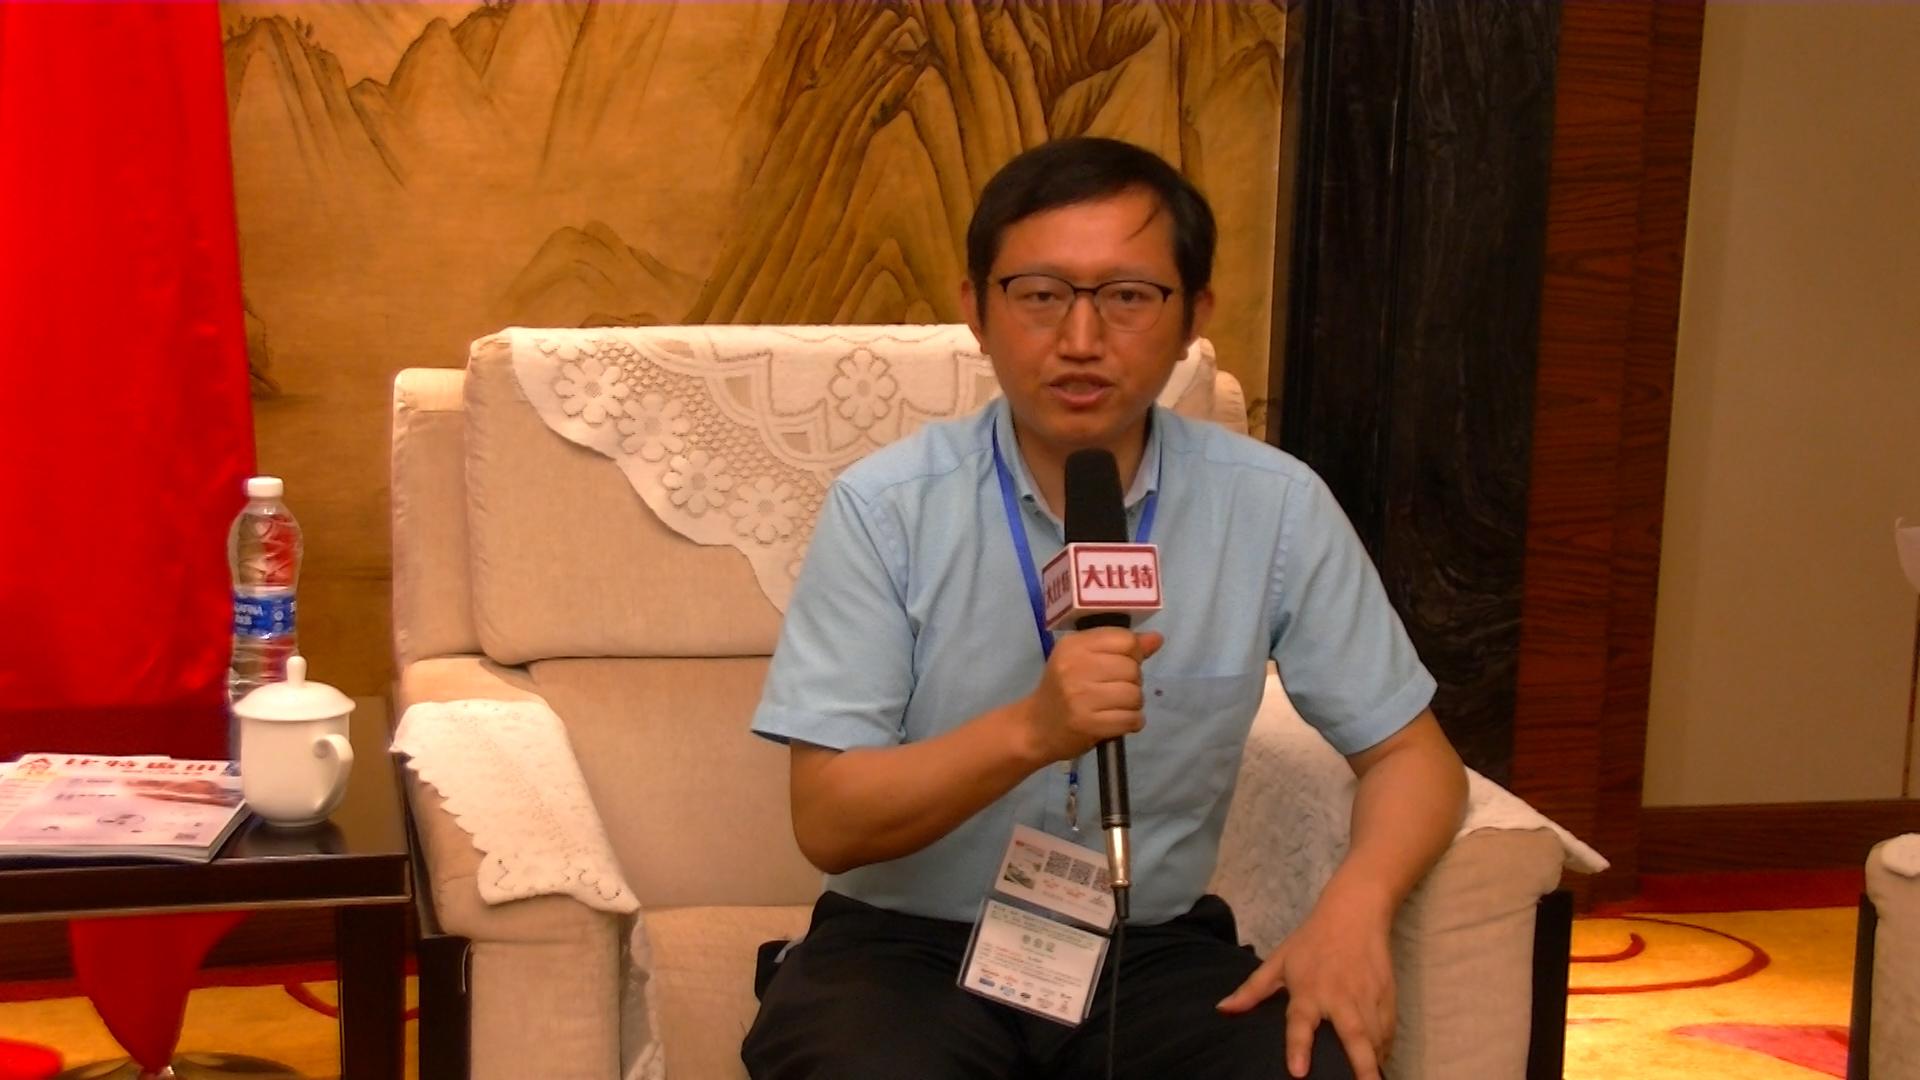 德众泰罗胜国副总:新能源汽车发展前景